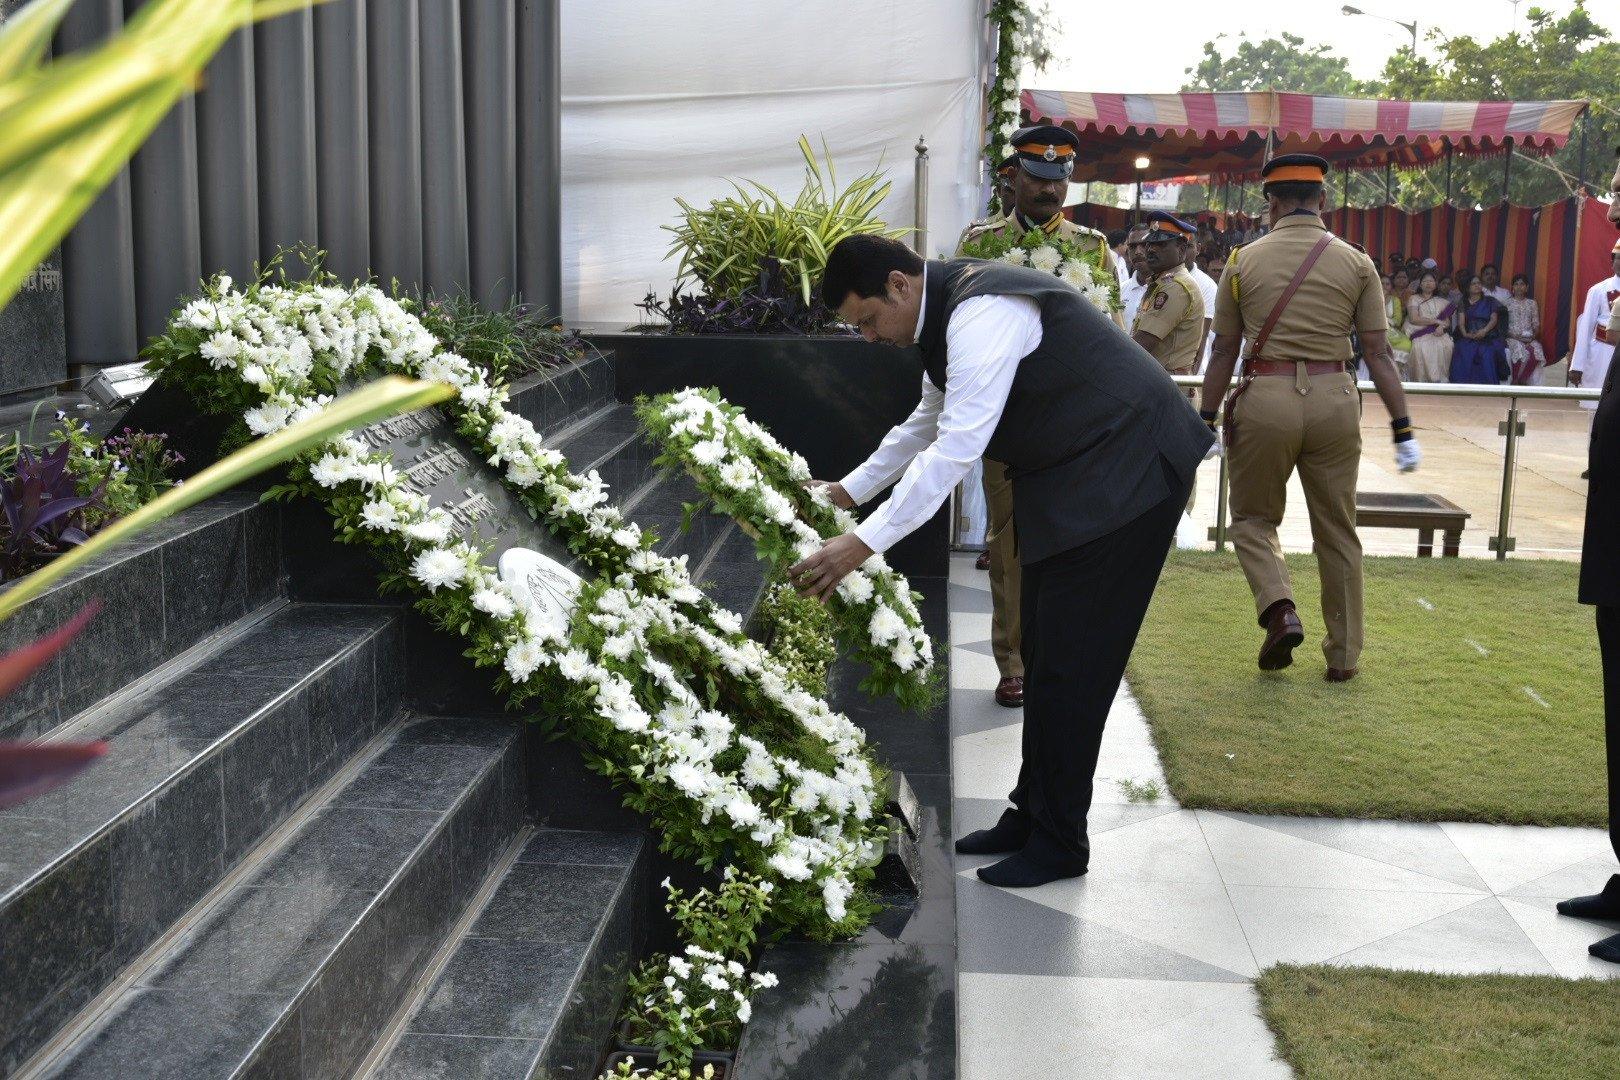 २६/११ स्मृतीदिन: शहीद पोलिसांना राज्यपाल, मुख्यमंत्र्यांची आदरांजली